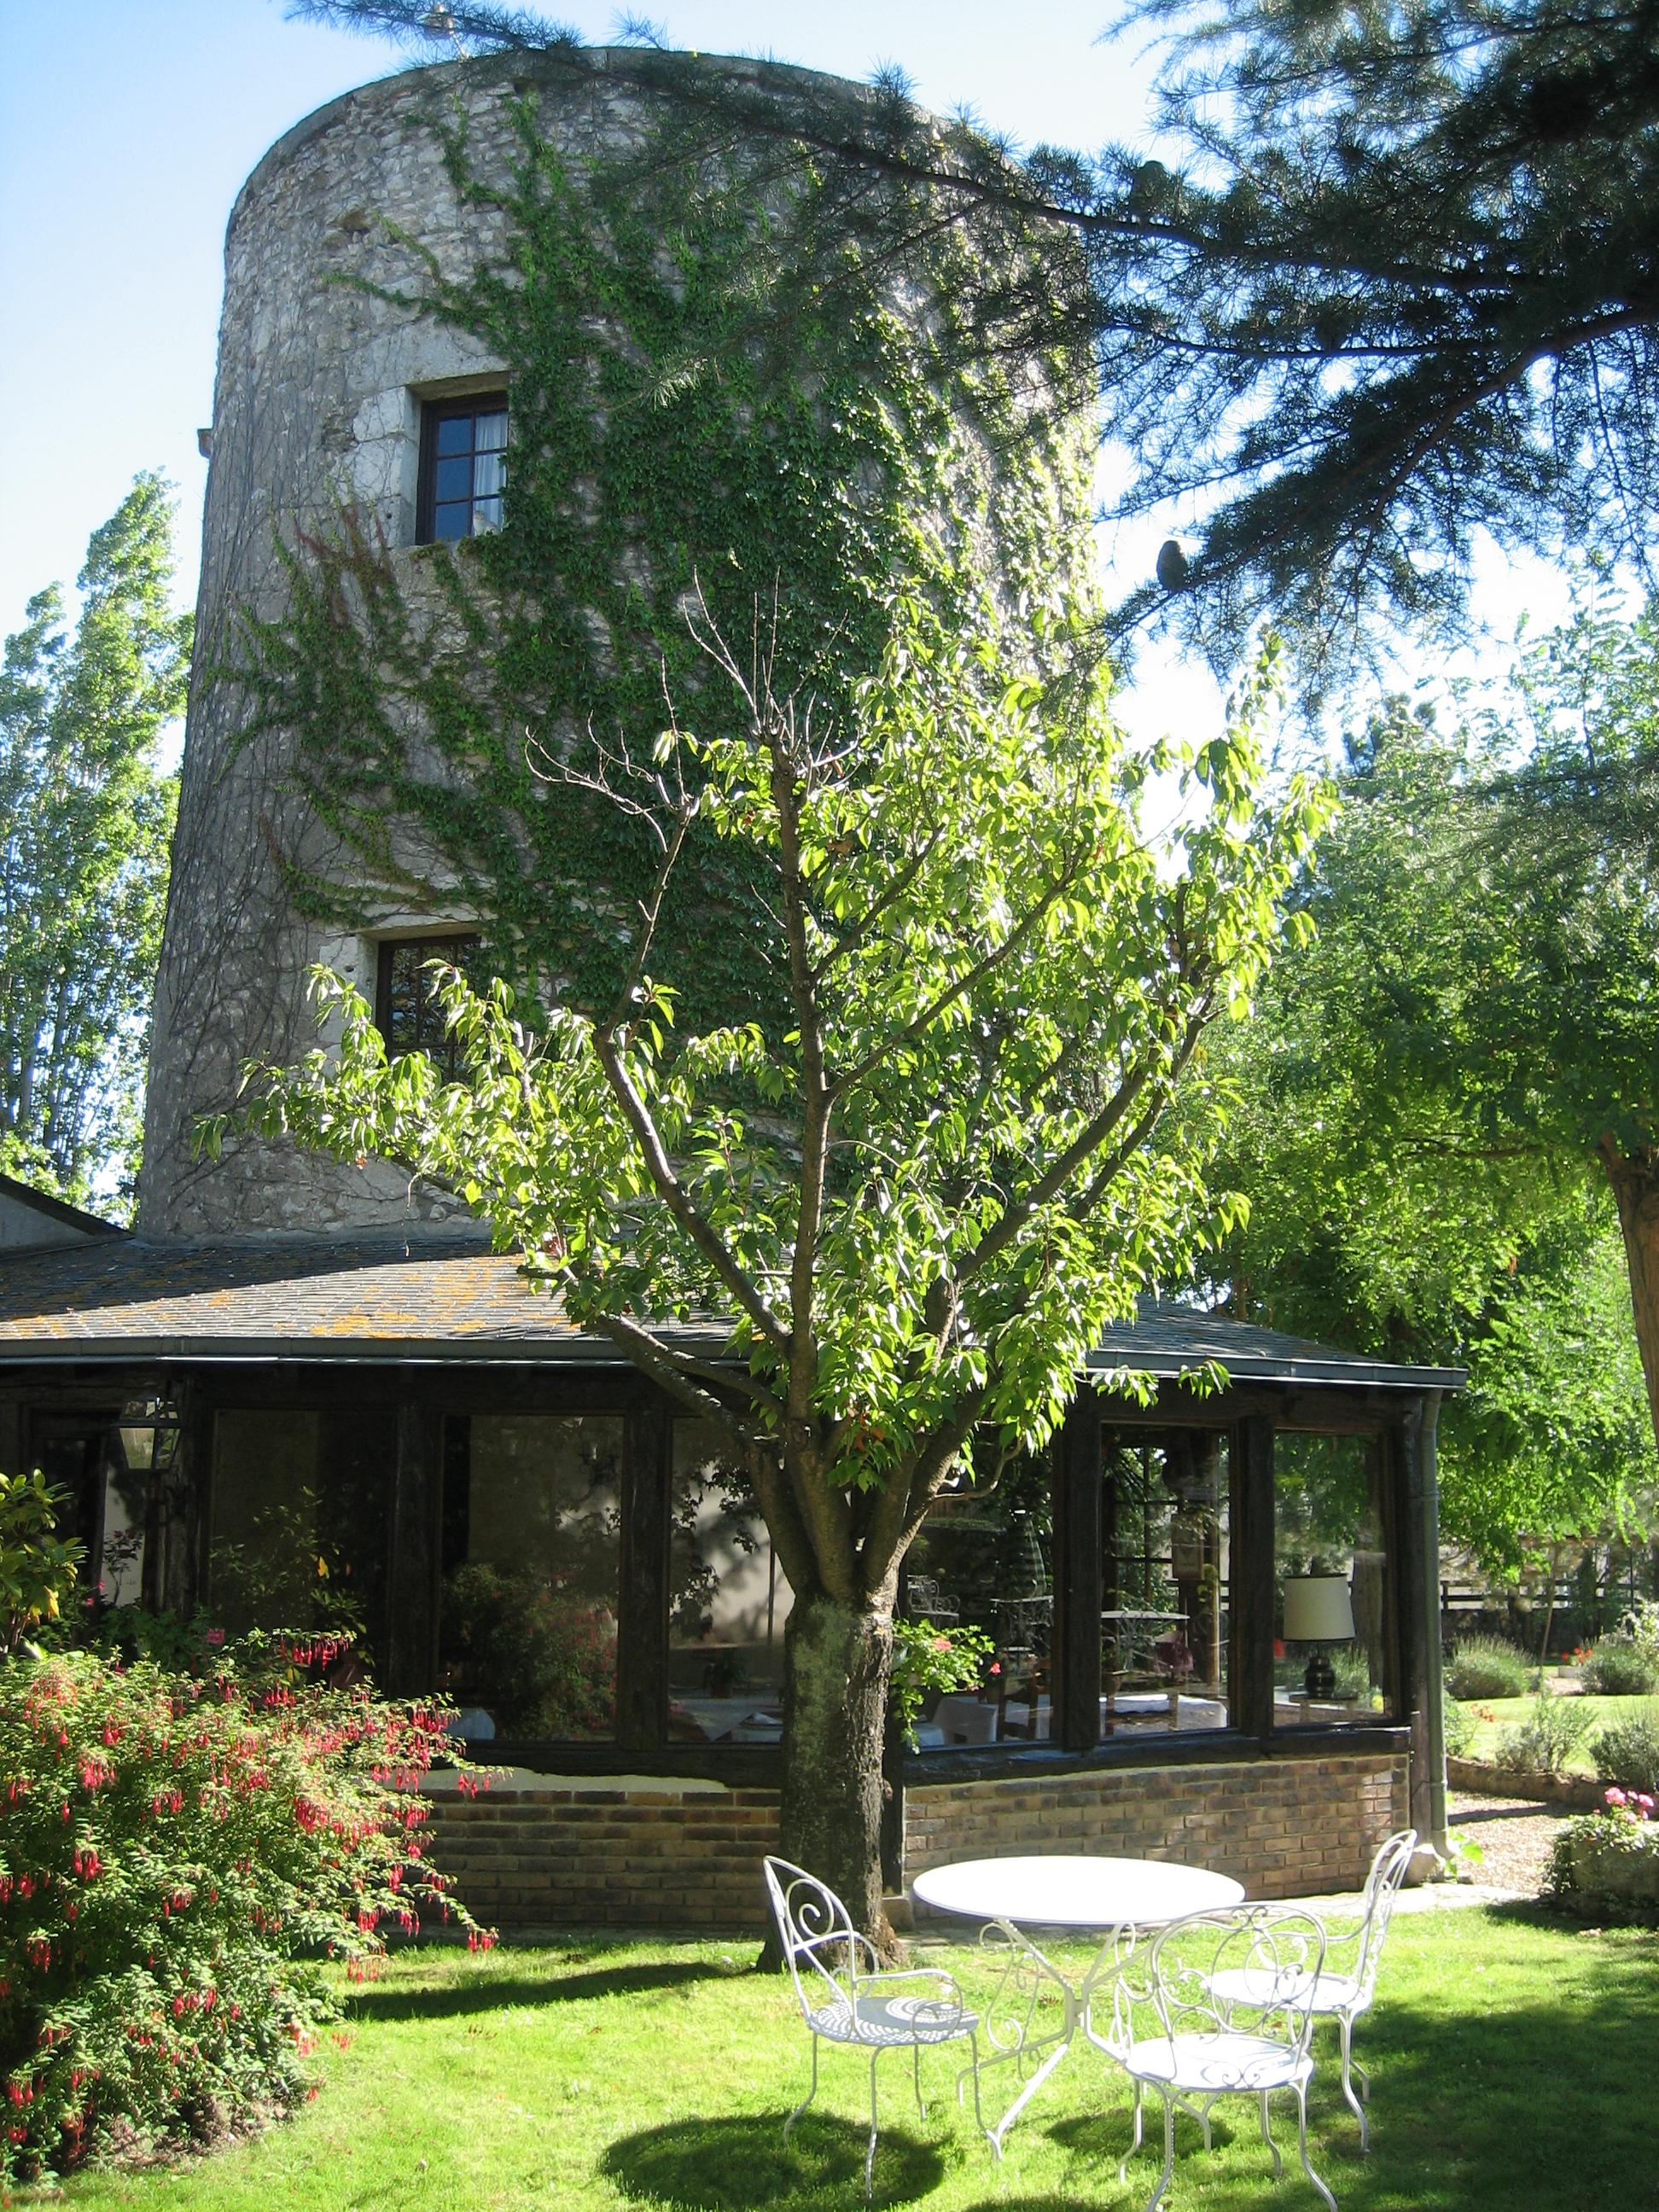 Bienvenue au restaurant de la tour for Au jardin de la tour